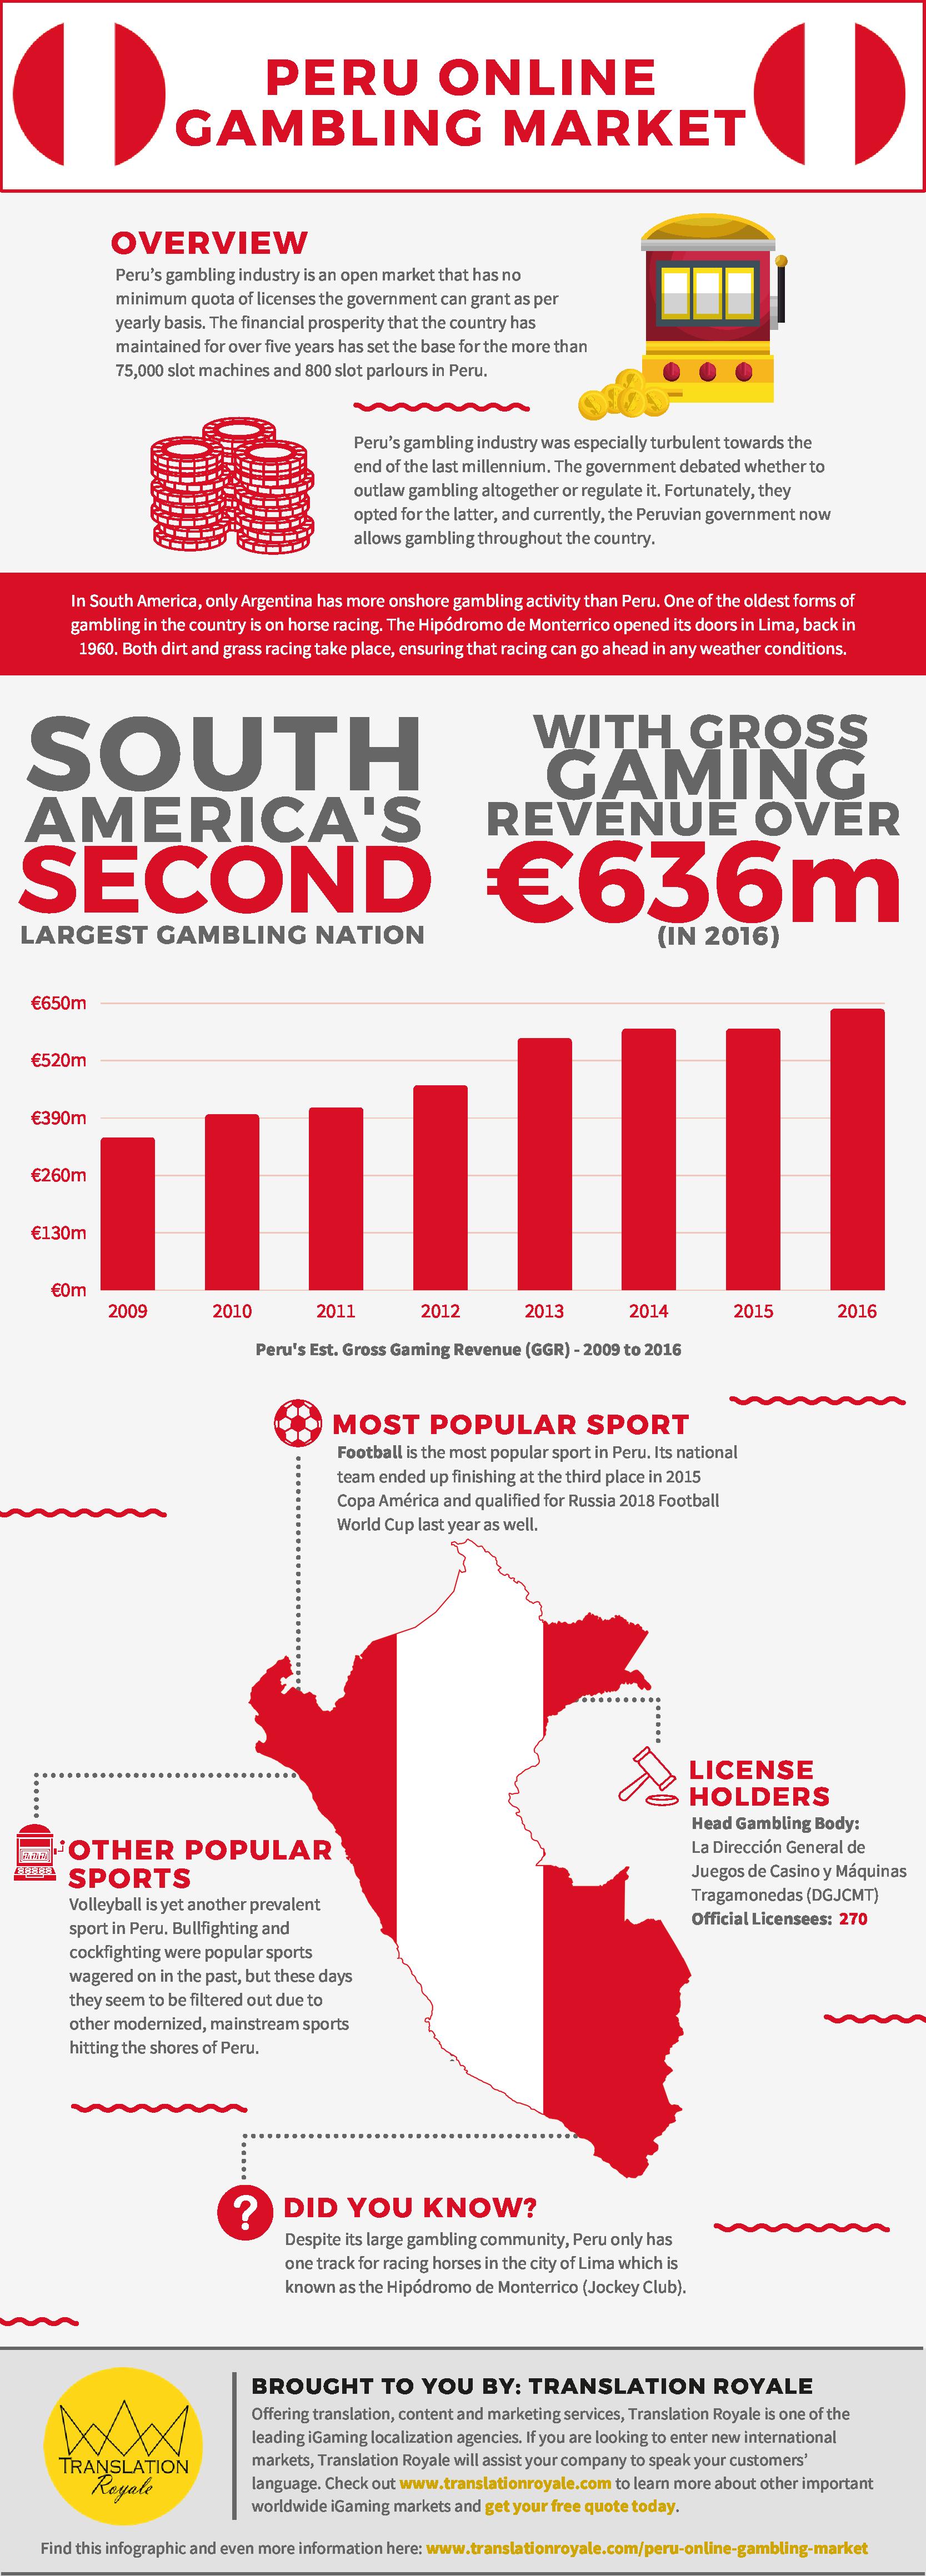 Peru Online Gambling Market Infographic